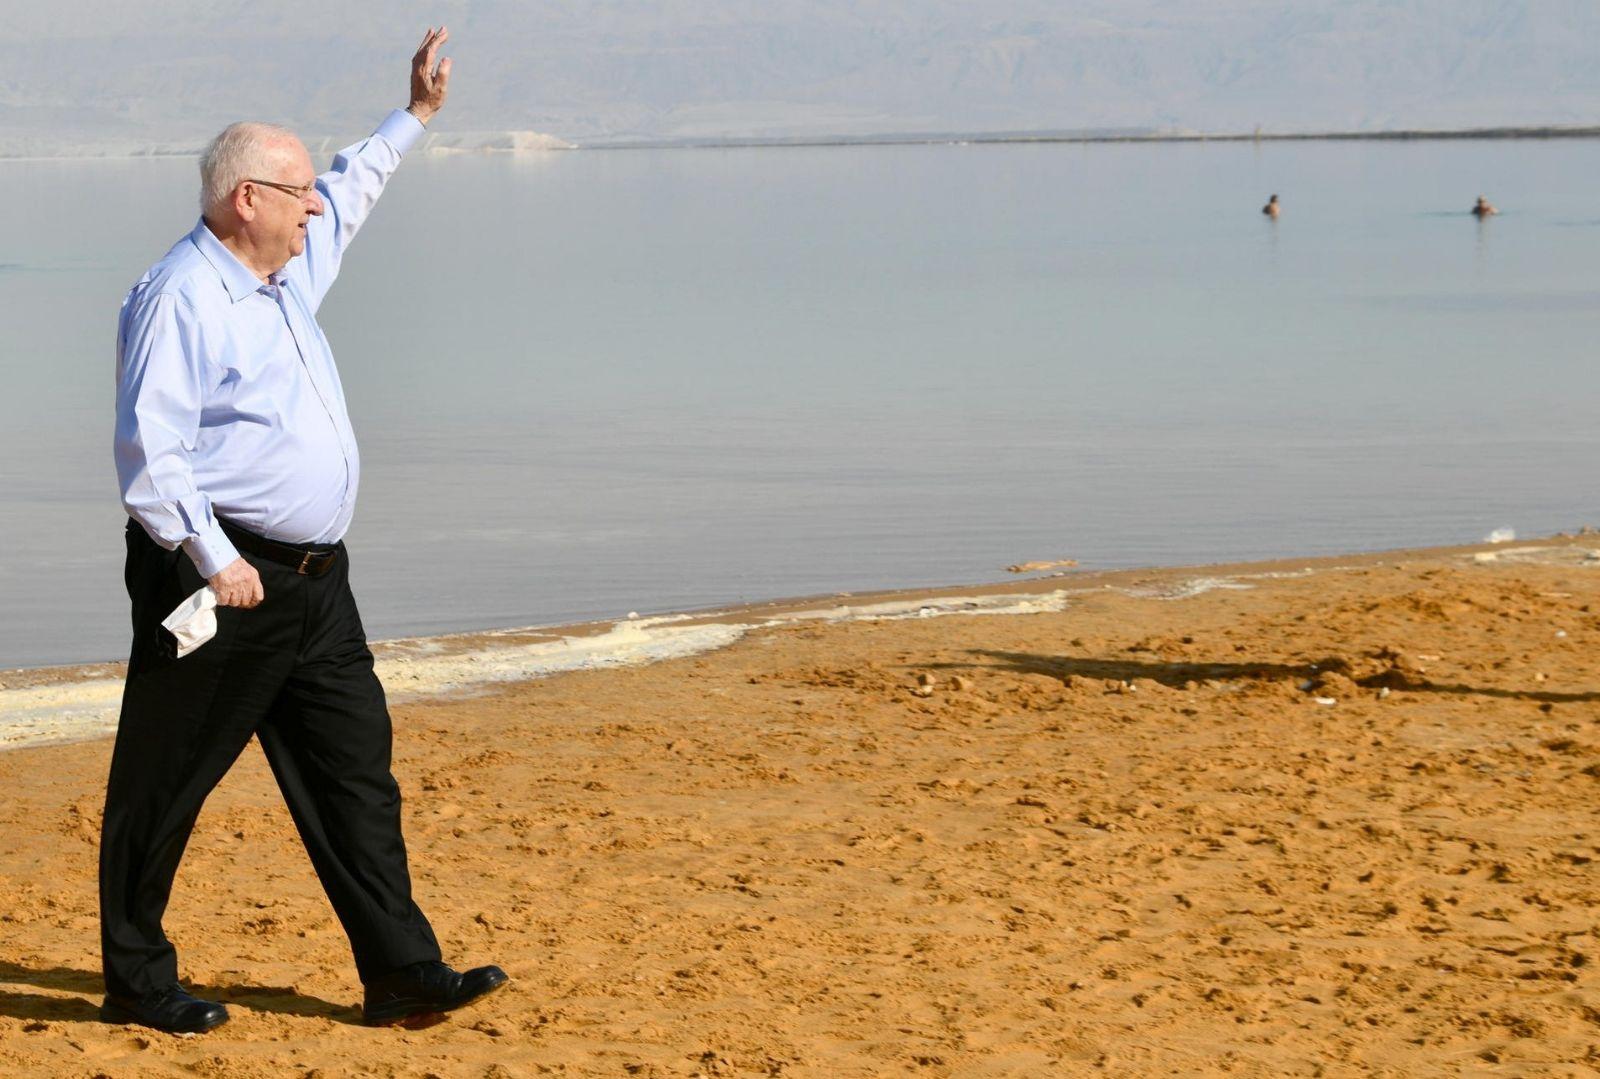 נשיא המדינה יצא לעודד את התיירות לים המלח ואילת עם פתיחת 'האיים הירוקים' ושם נפגש עם ראשי ענף התיירות ושרת התיירות